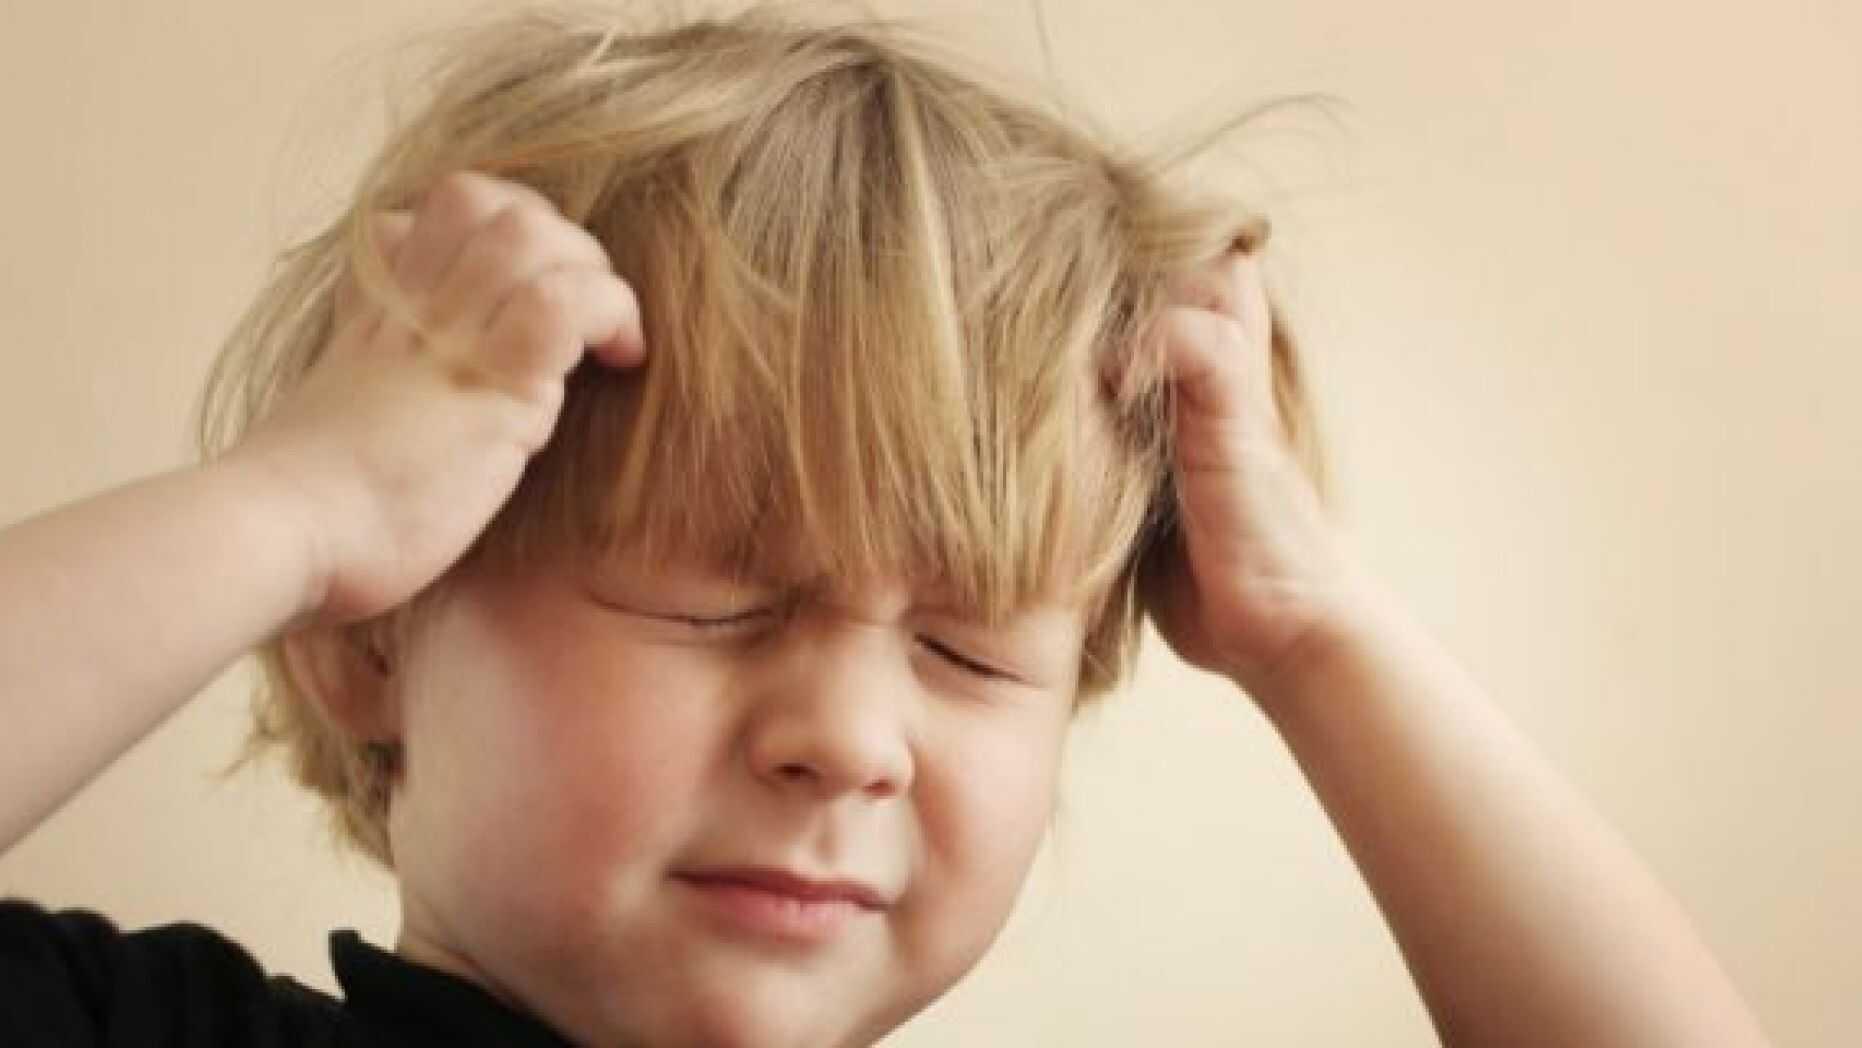 أعراض مرضية للأطفال لكنها لا تستدعي قلق الآباء